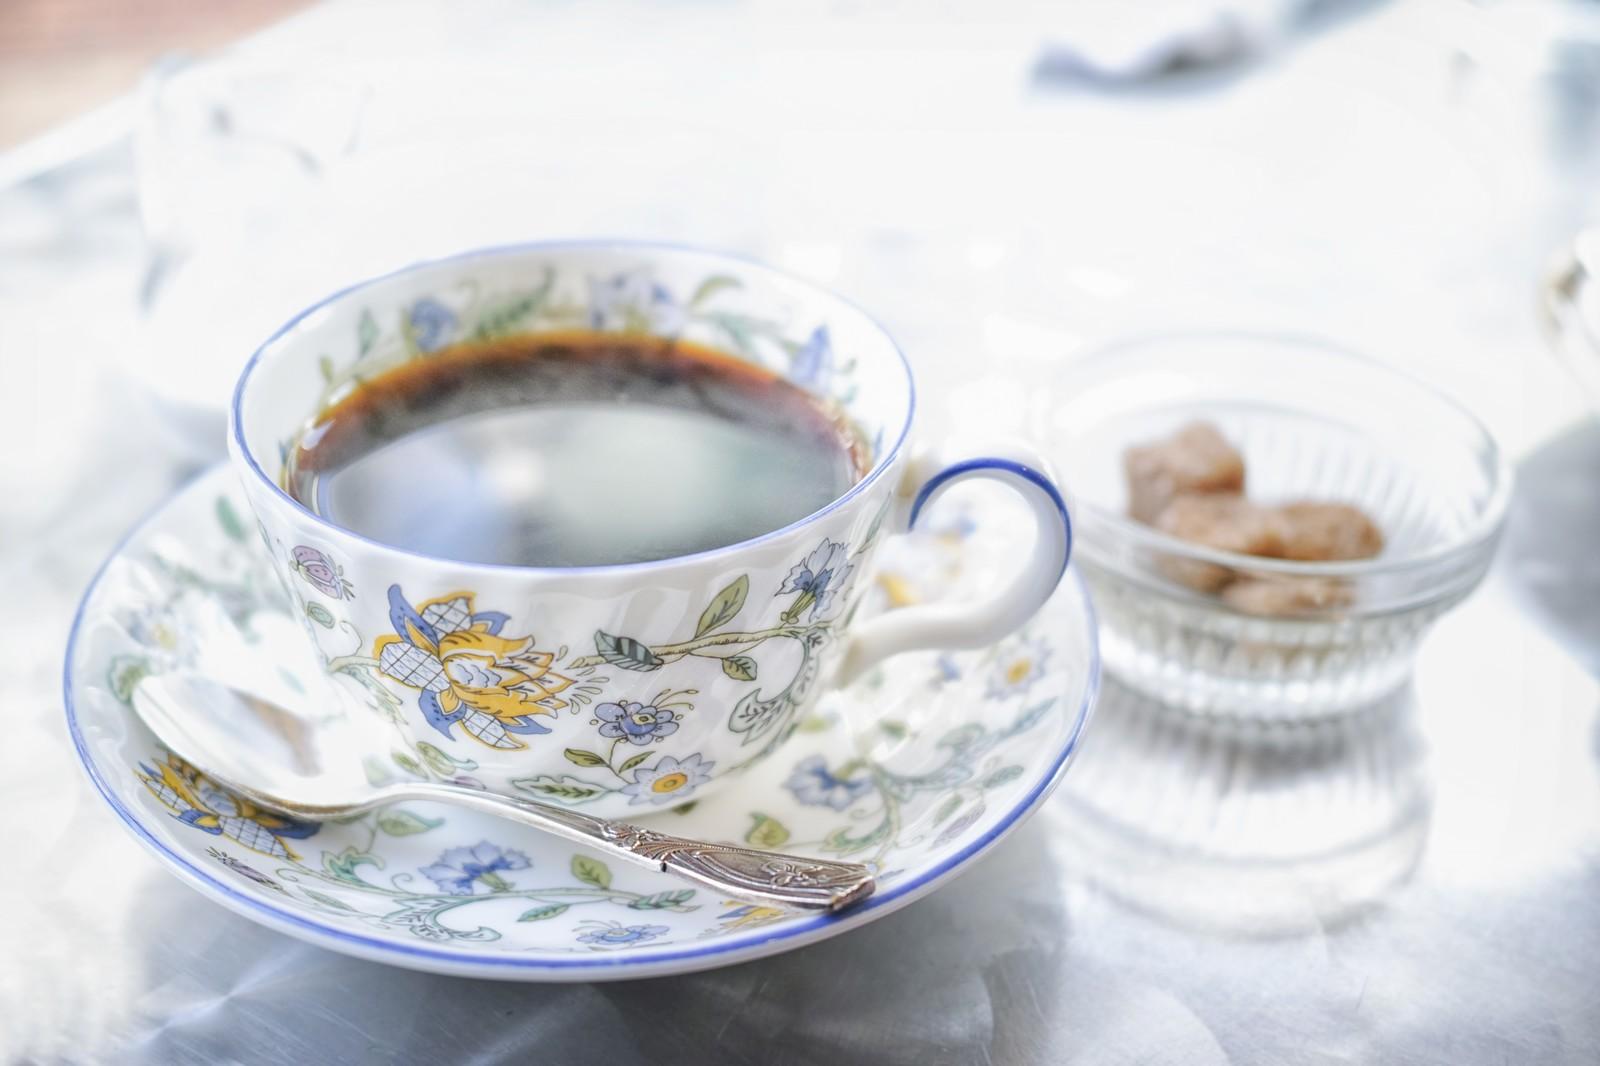 絵柄のティーカップでコーヒー